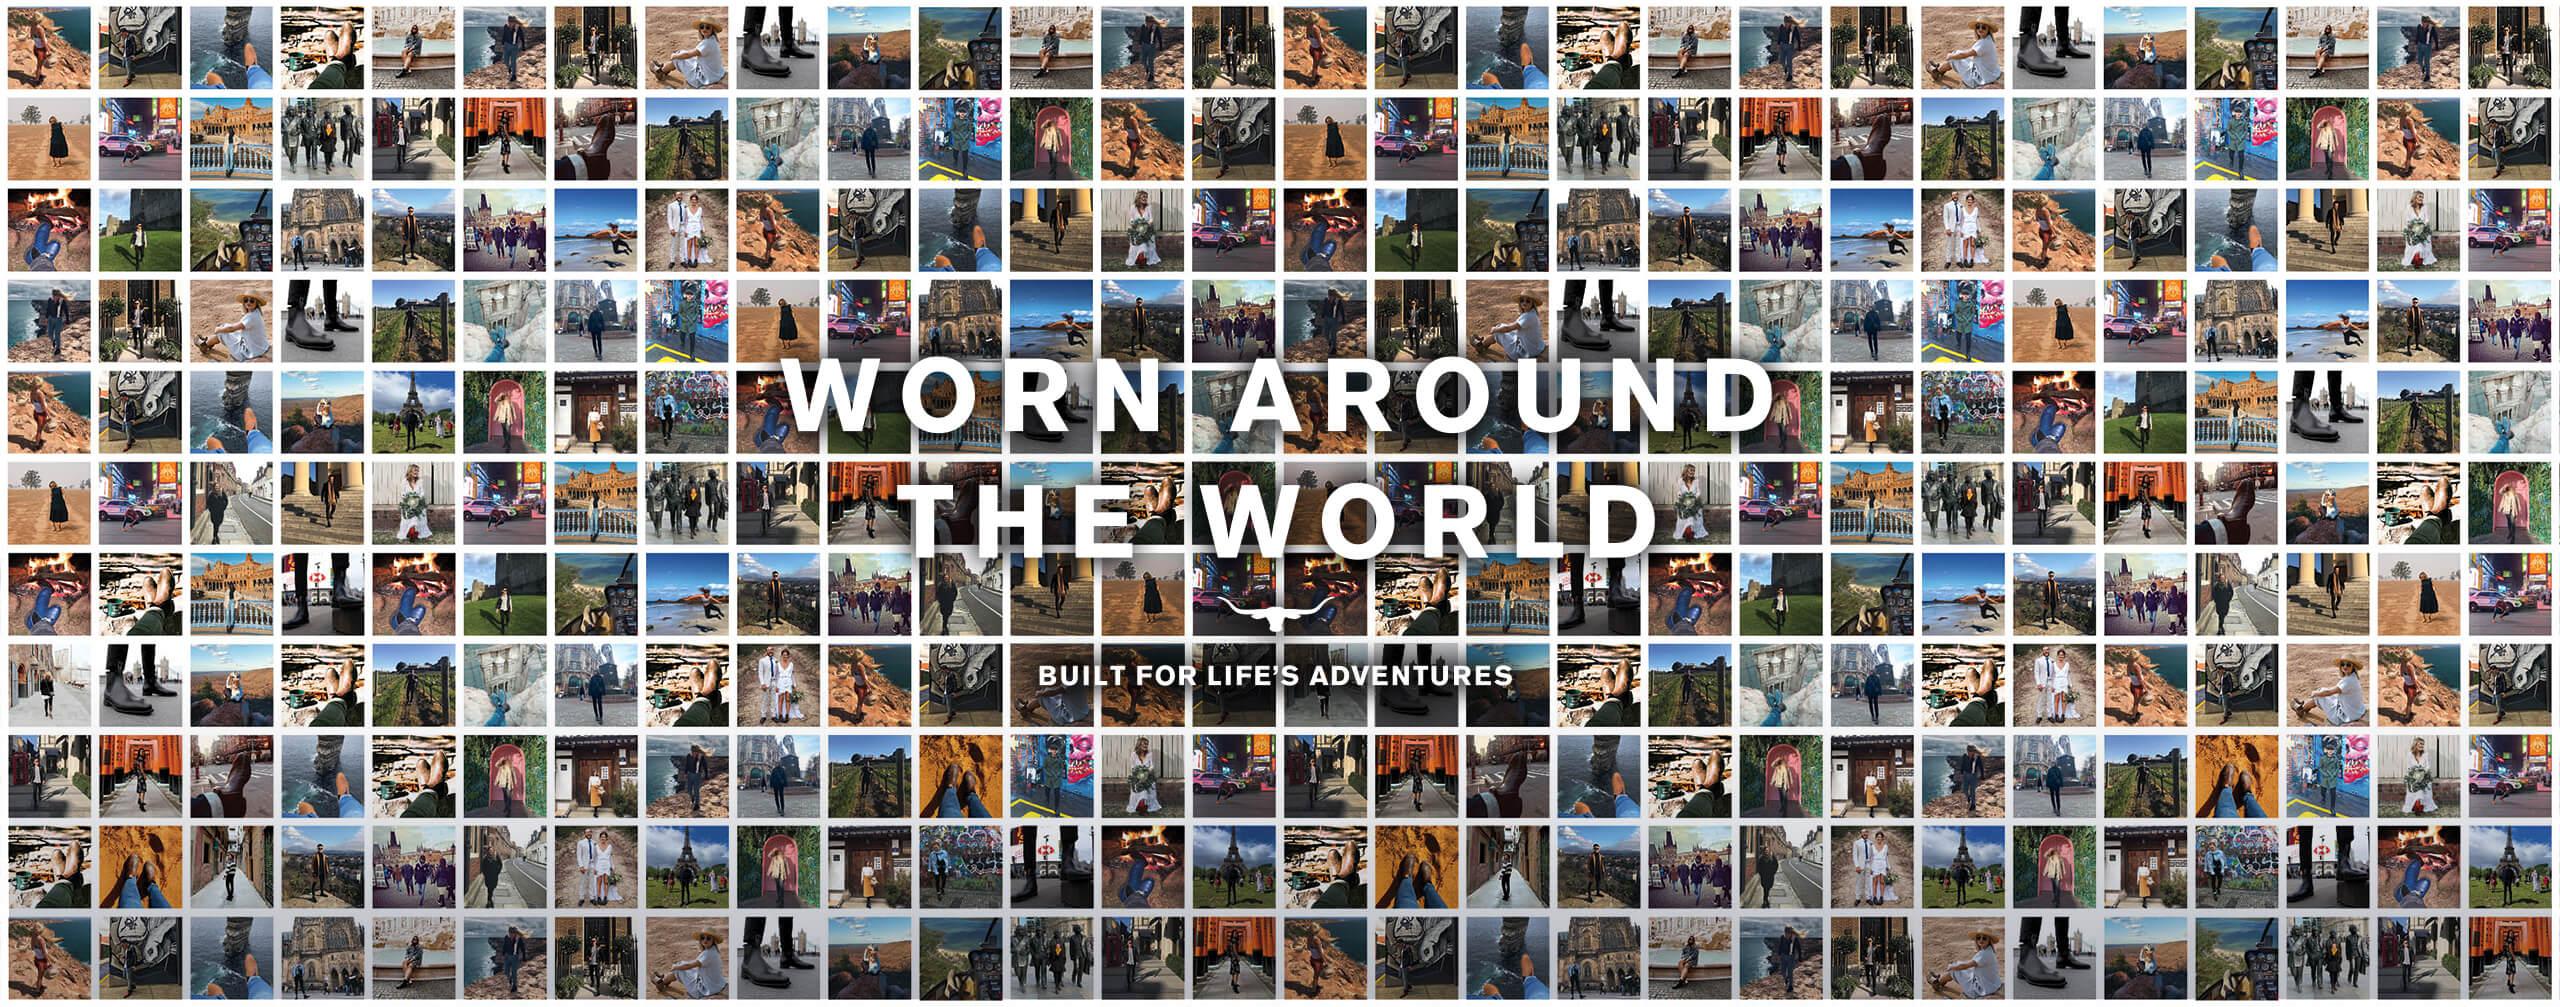 Worn Around The World